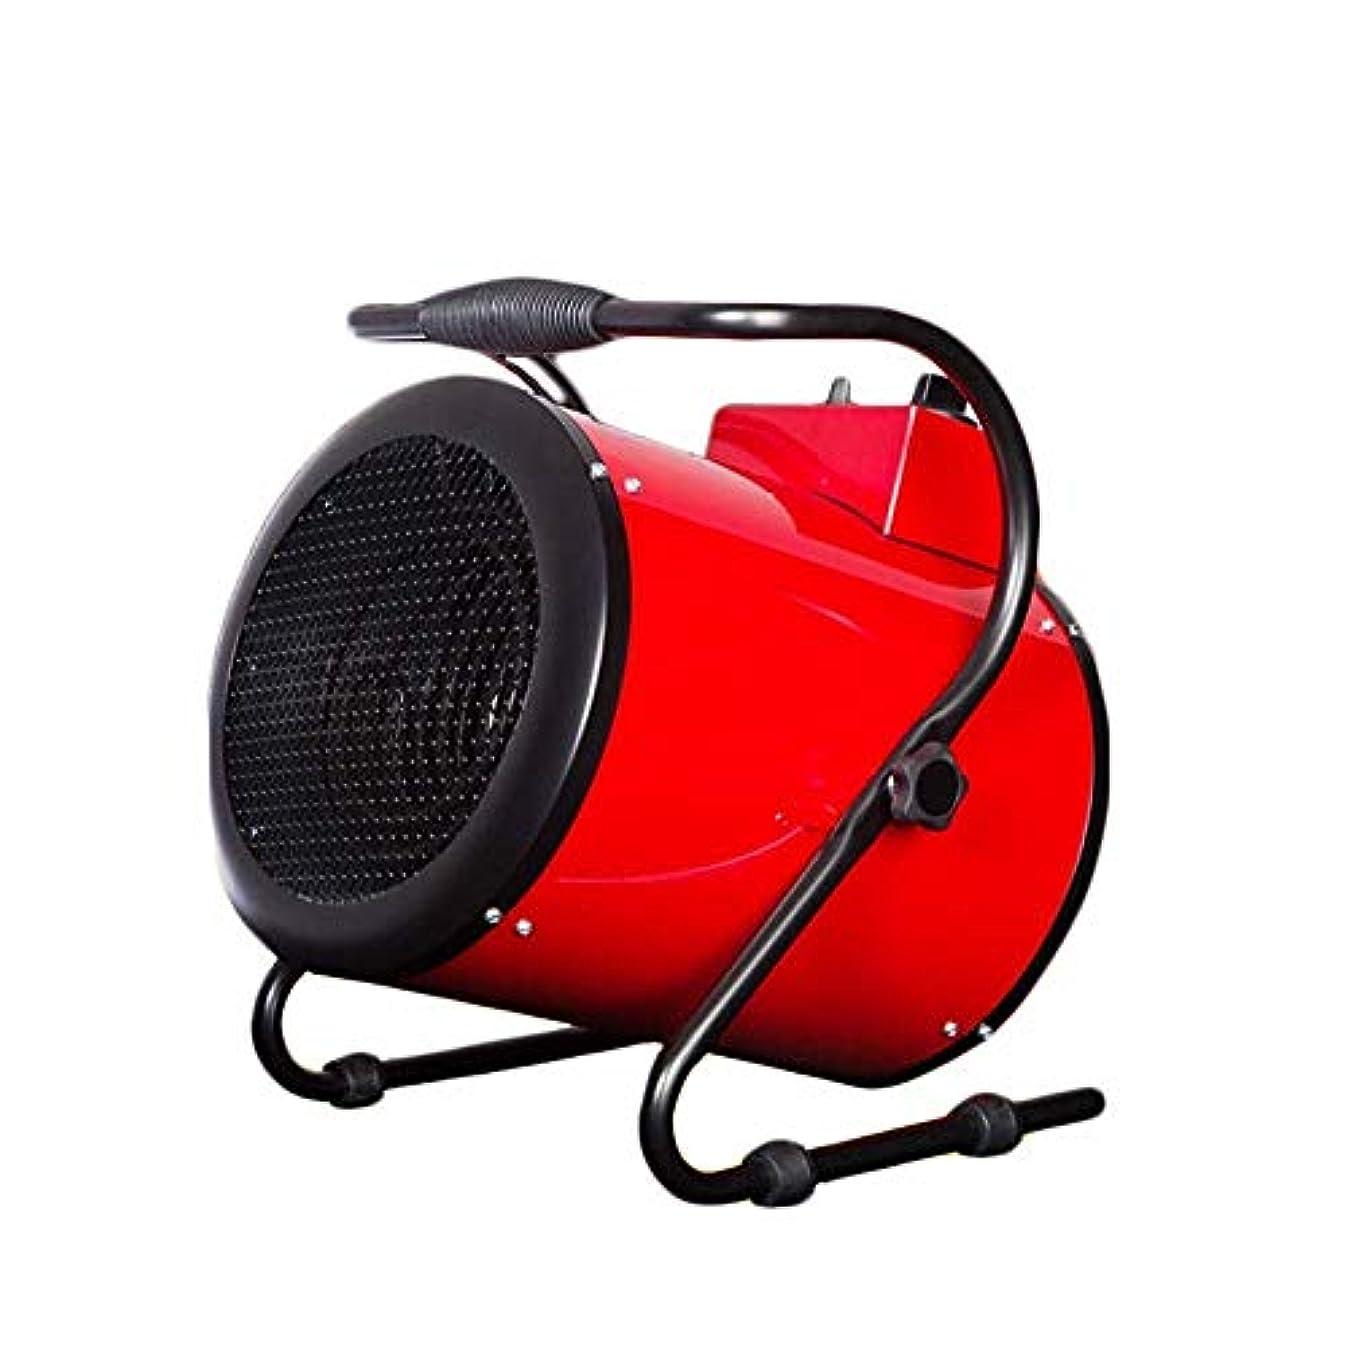 ヒューバートハドソンアプライアンス急行するAtten ミニスペースヒーター、工業用デスクトップ電気ヒーター2000Wポータブルヒーター、3モード調整可能、転倒および過熱保護、暖房スペースヒーター屋内用